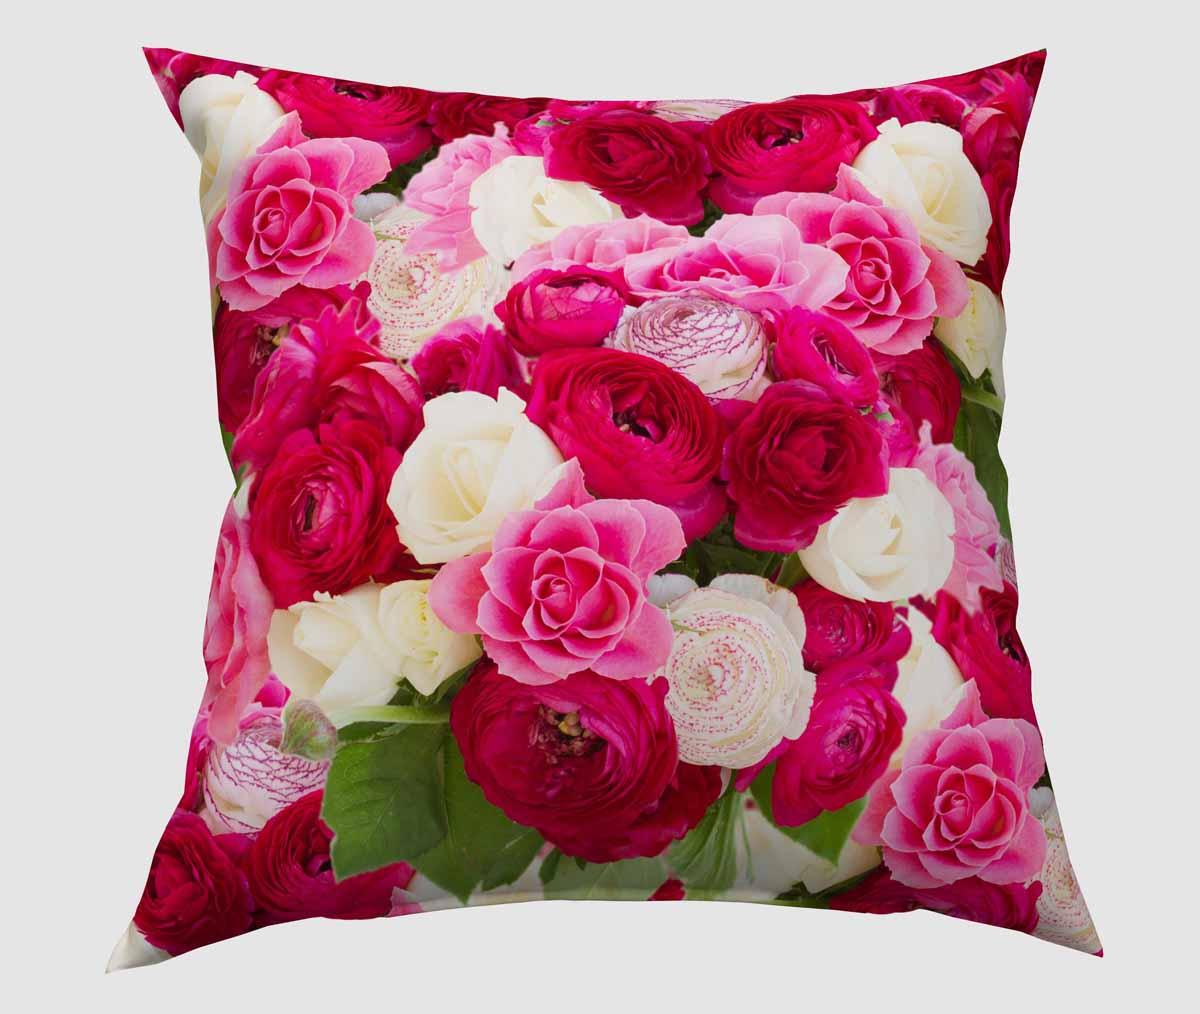 Подушка декоративная Сирень Розы, 40 х 40 см531-105Декоративная подушка Сирень Розы, изготовленная из габардина (100% полиэстер), прекрасно дополнит интерьер спальни или гостиной. Подушка оформлена красочным изображением. Внутри - мягкий наполнитель из холлофайбера (100% полиэстер). Красивая подушка создаст атмосферу тепла и уюта в спальне и станет прекрасным элементом декора.